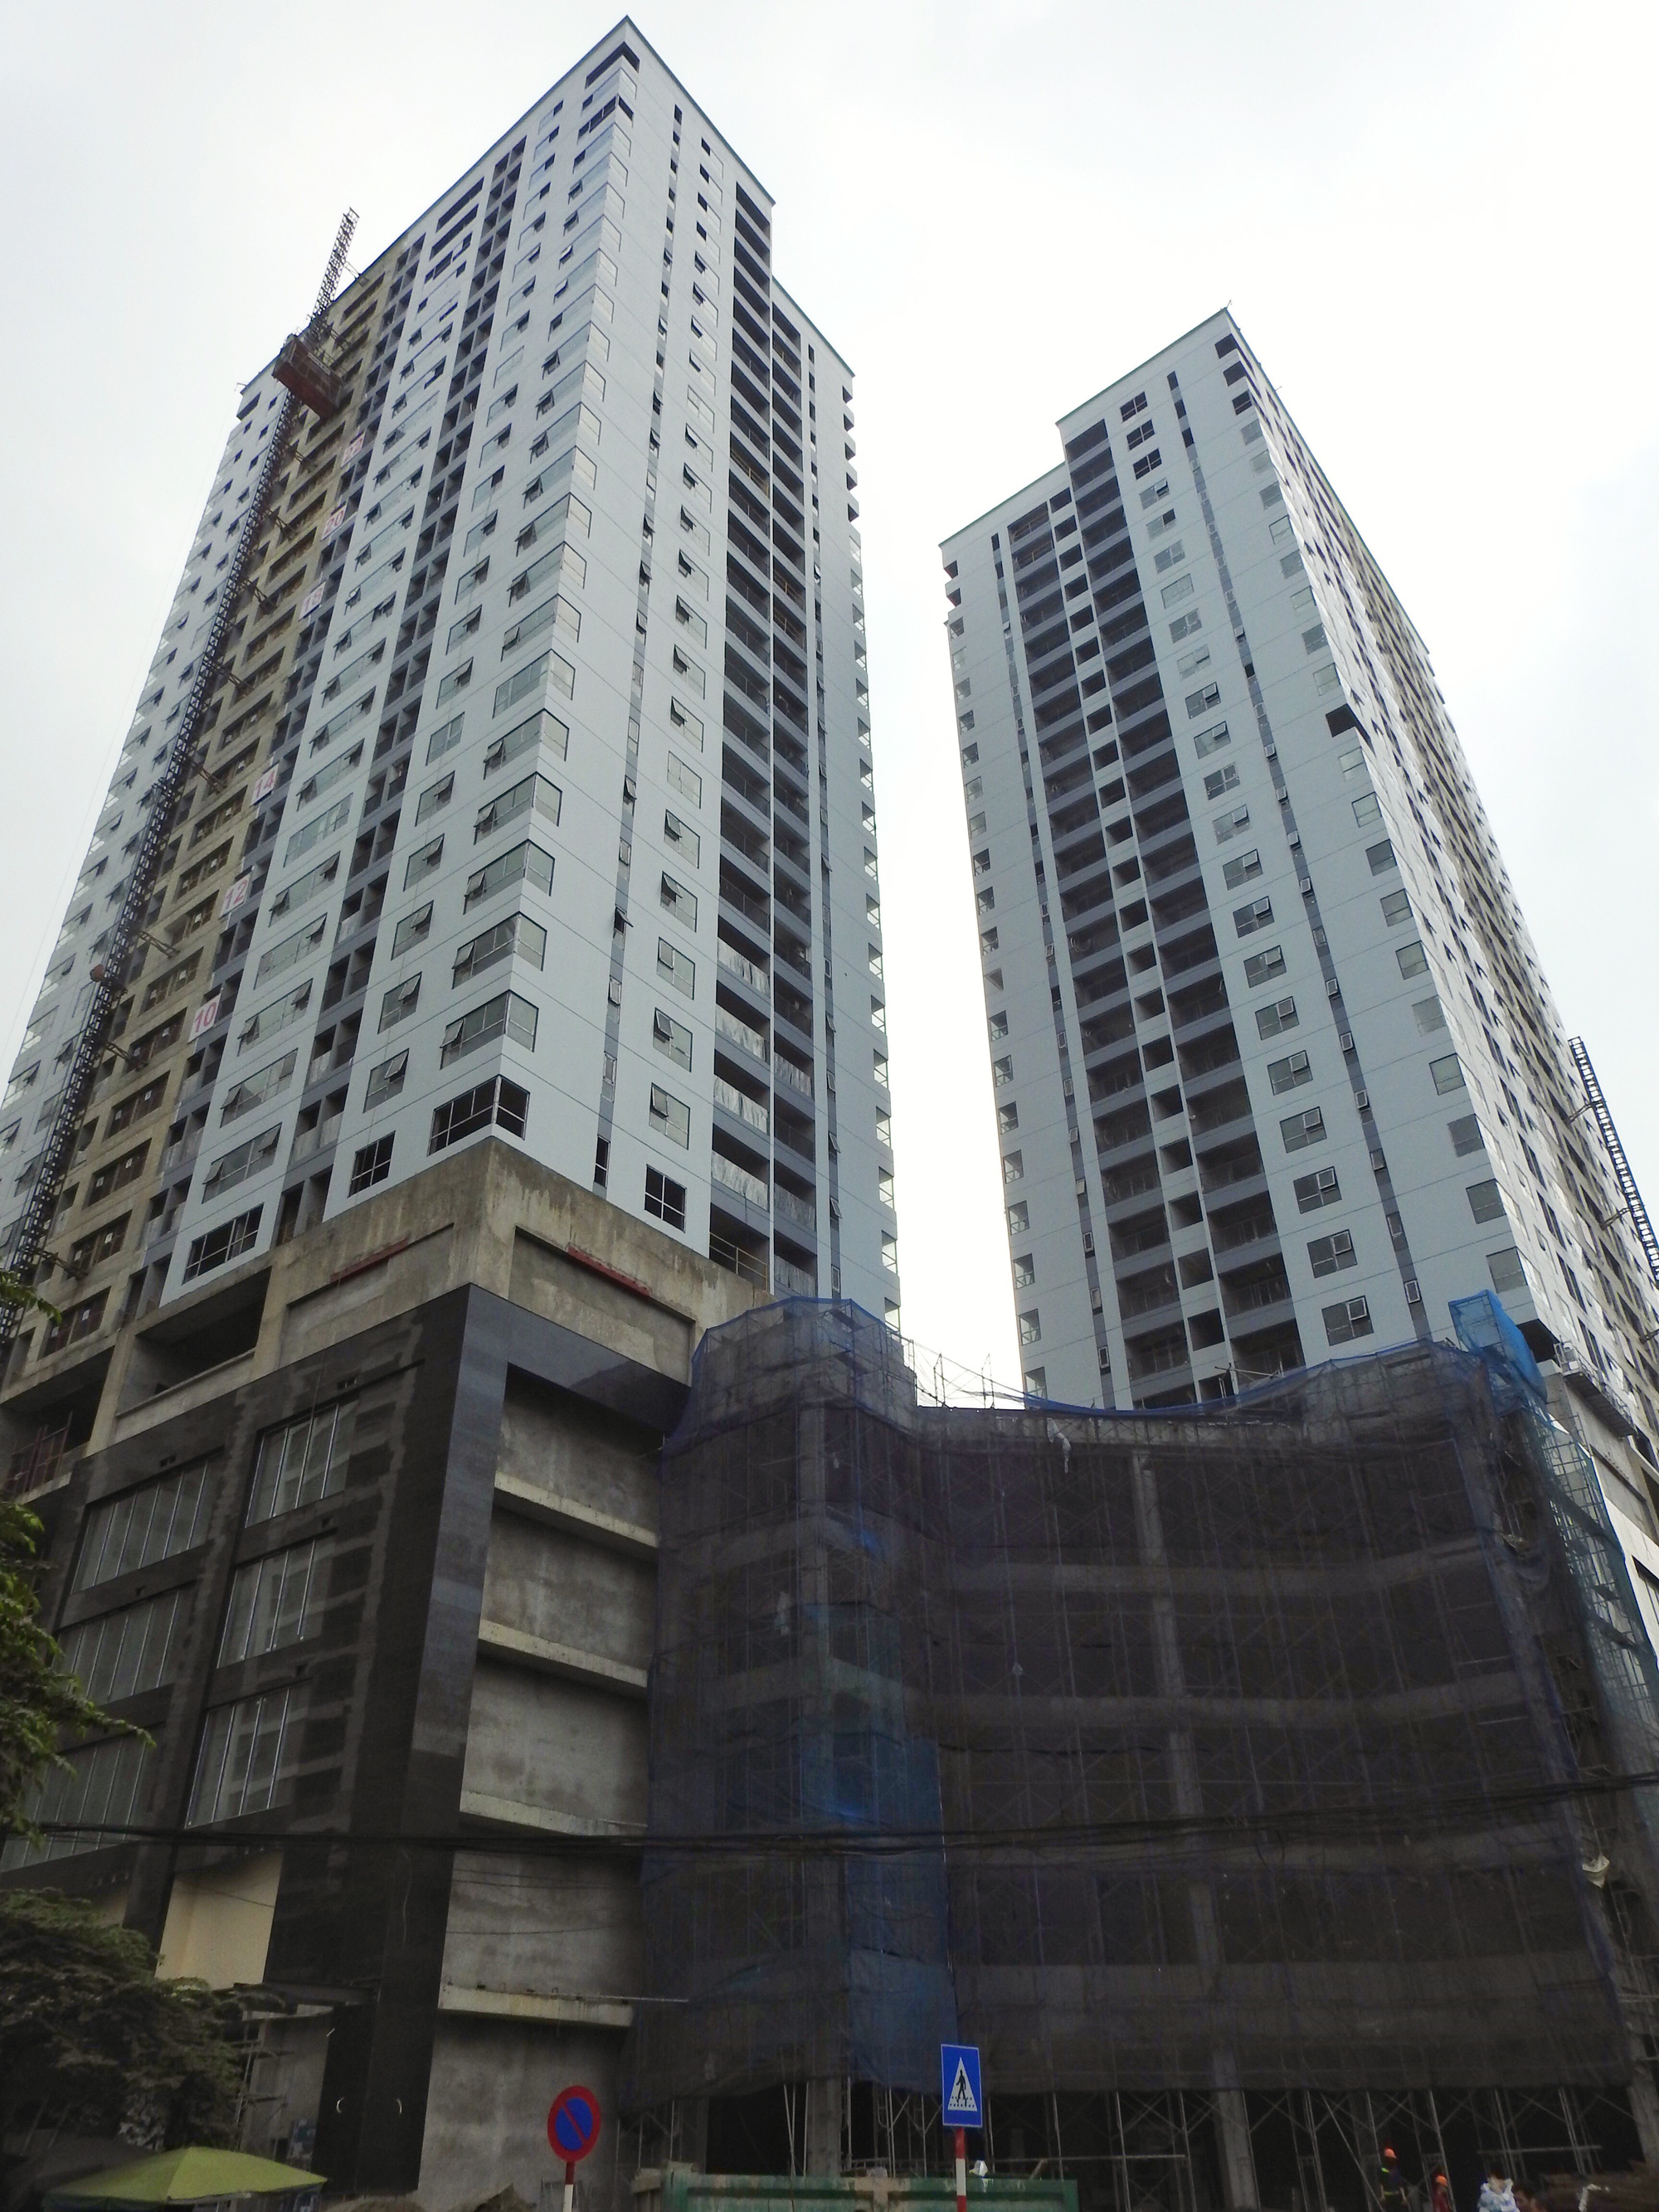 Dự án đang mở bán ở Hà Nội: Stellar Garden gần Lê Văn Lương, giá từ 33 triệu đồng/m2 - Ảnh 4.